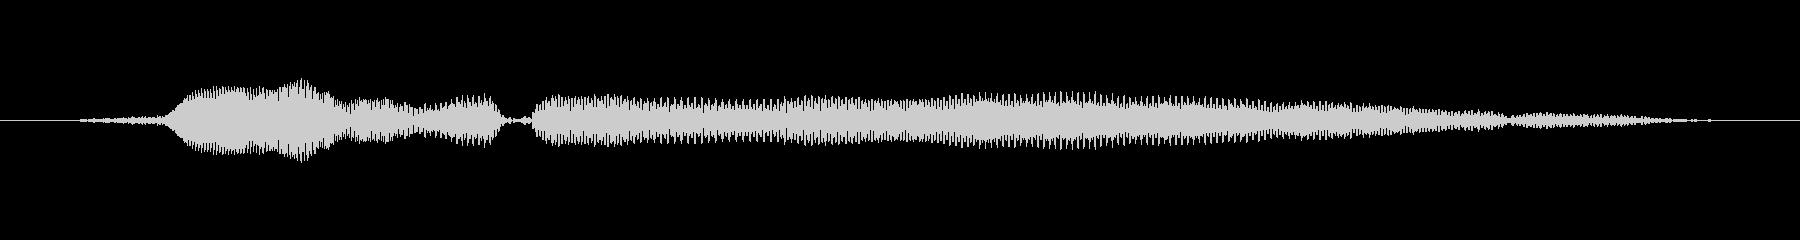 鳴き声 女性トークエルフィッシュ04の未再生の波形